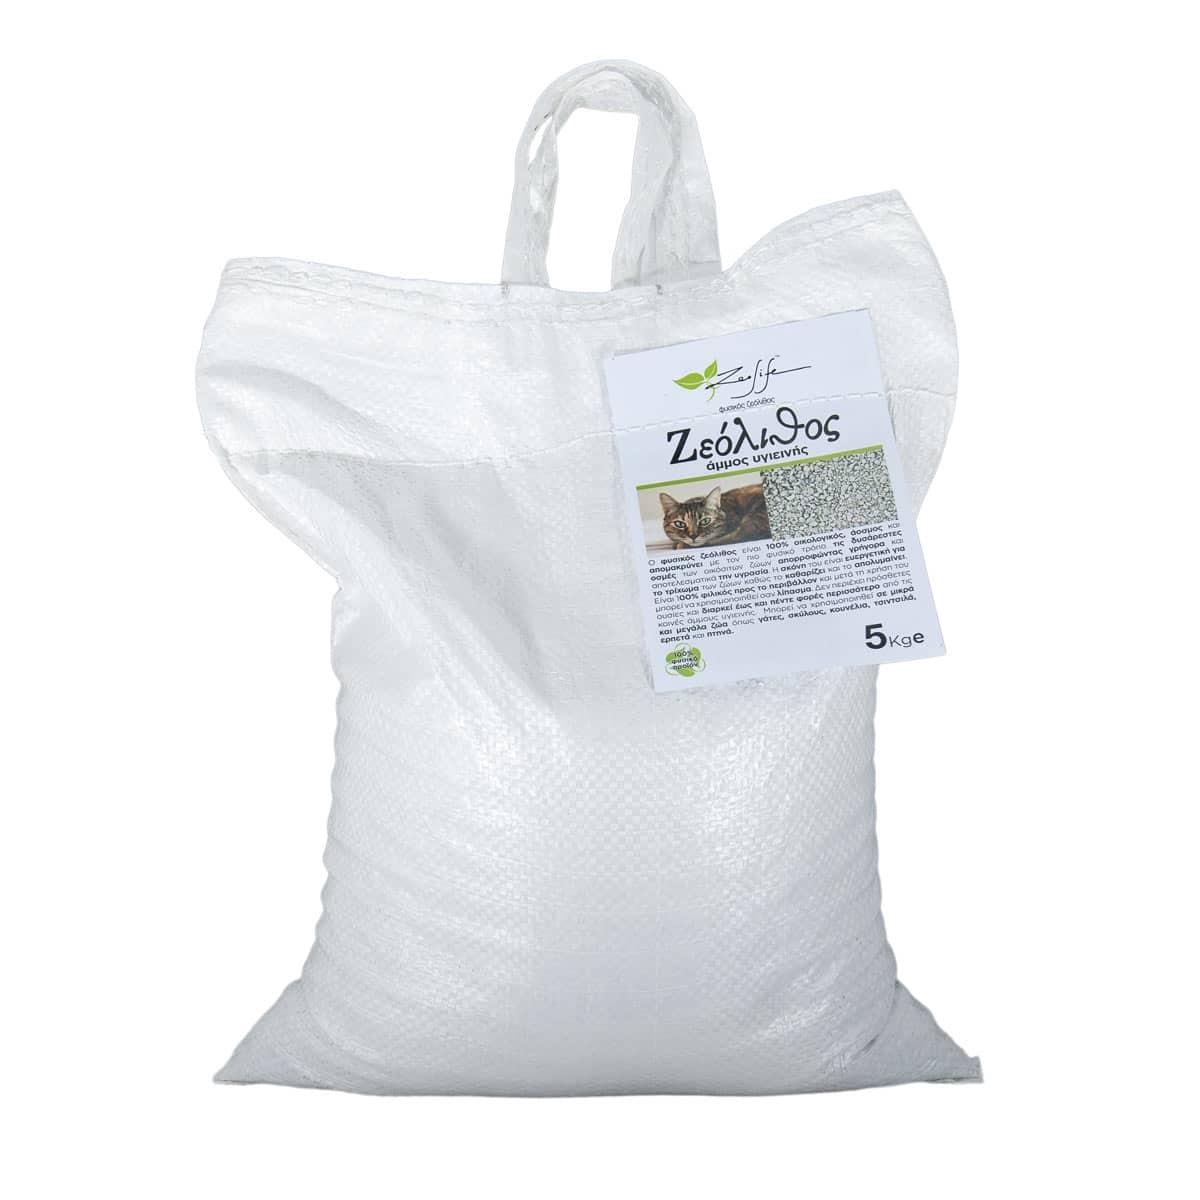 Ζεόλιθος – άμμος υγιεινής – 5 κιλά